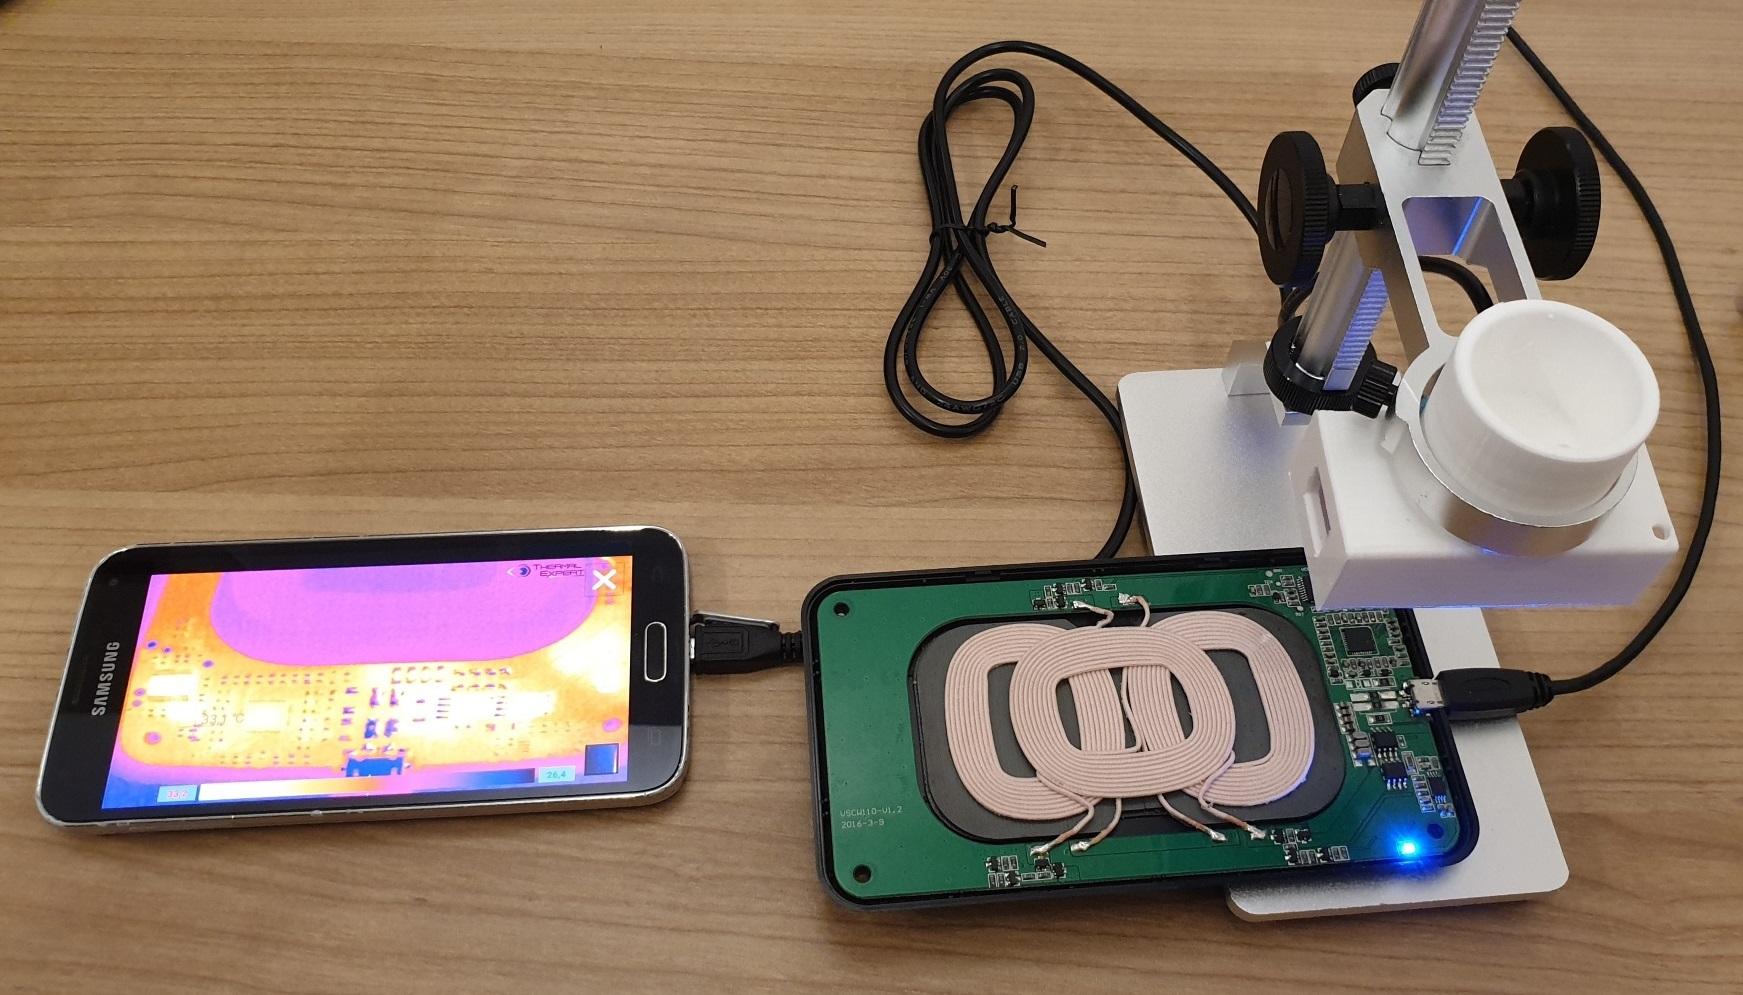 Thermal imaging smartphone repair